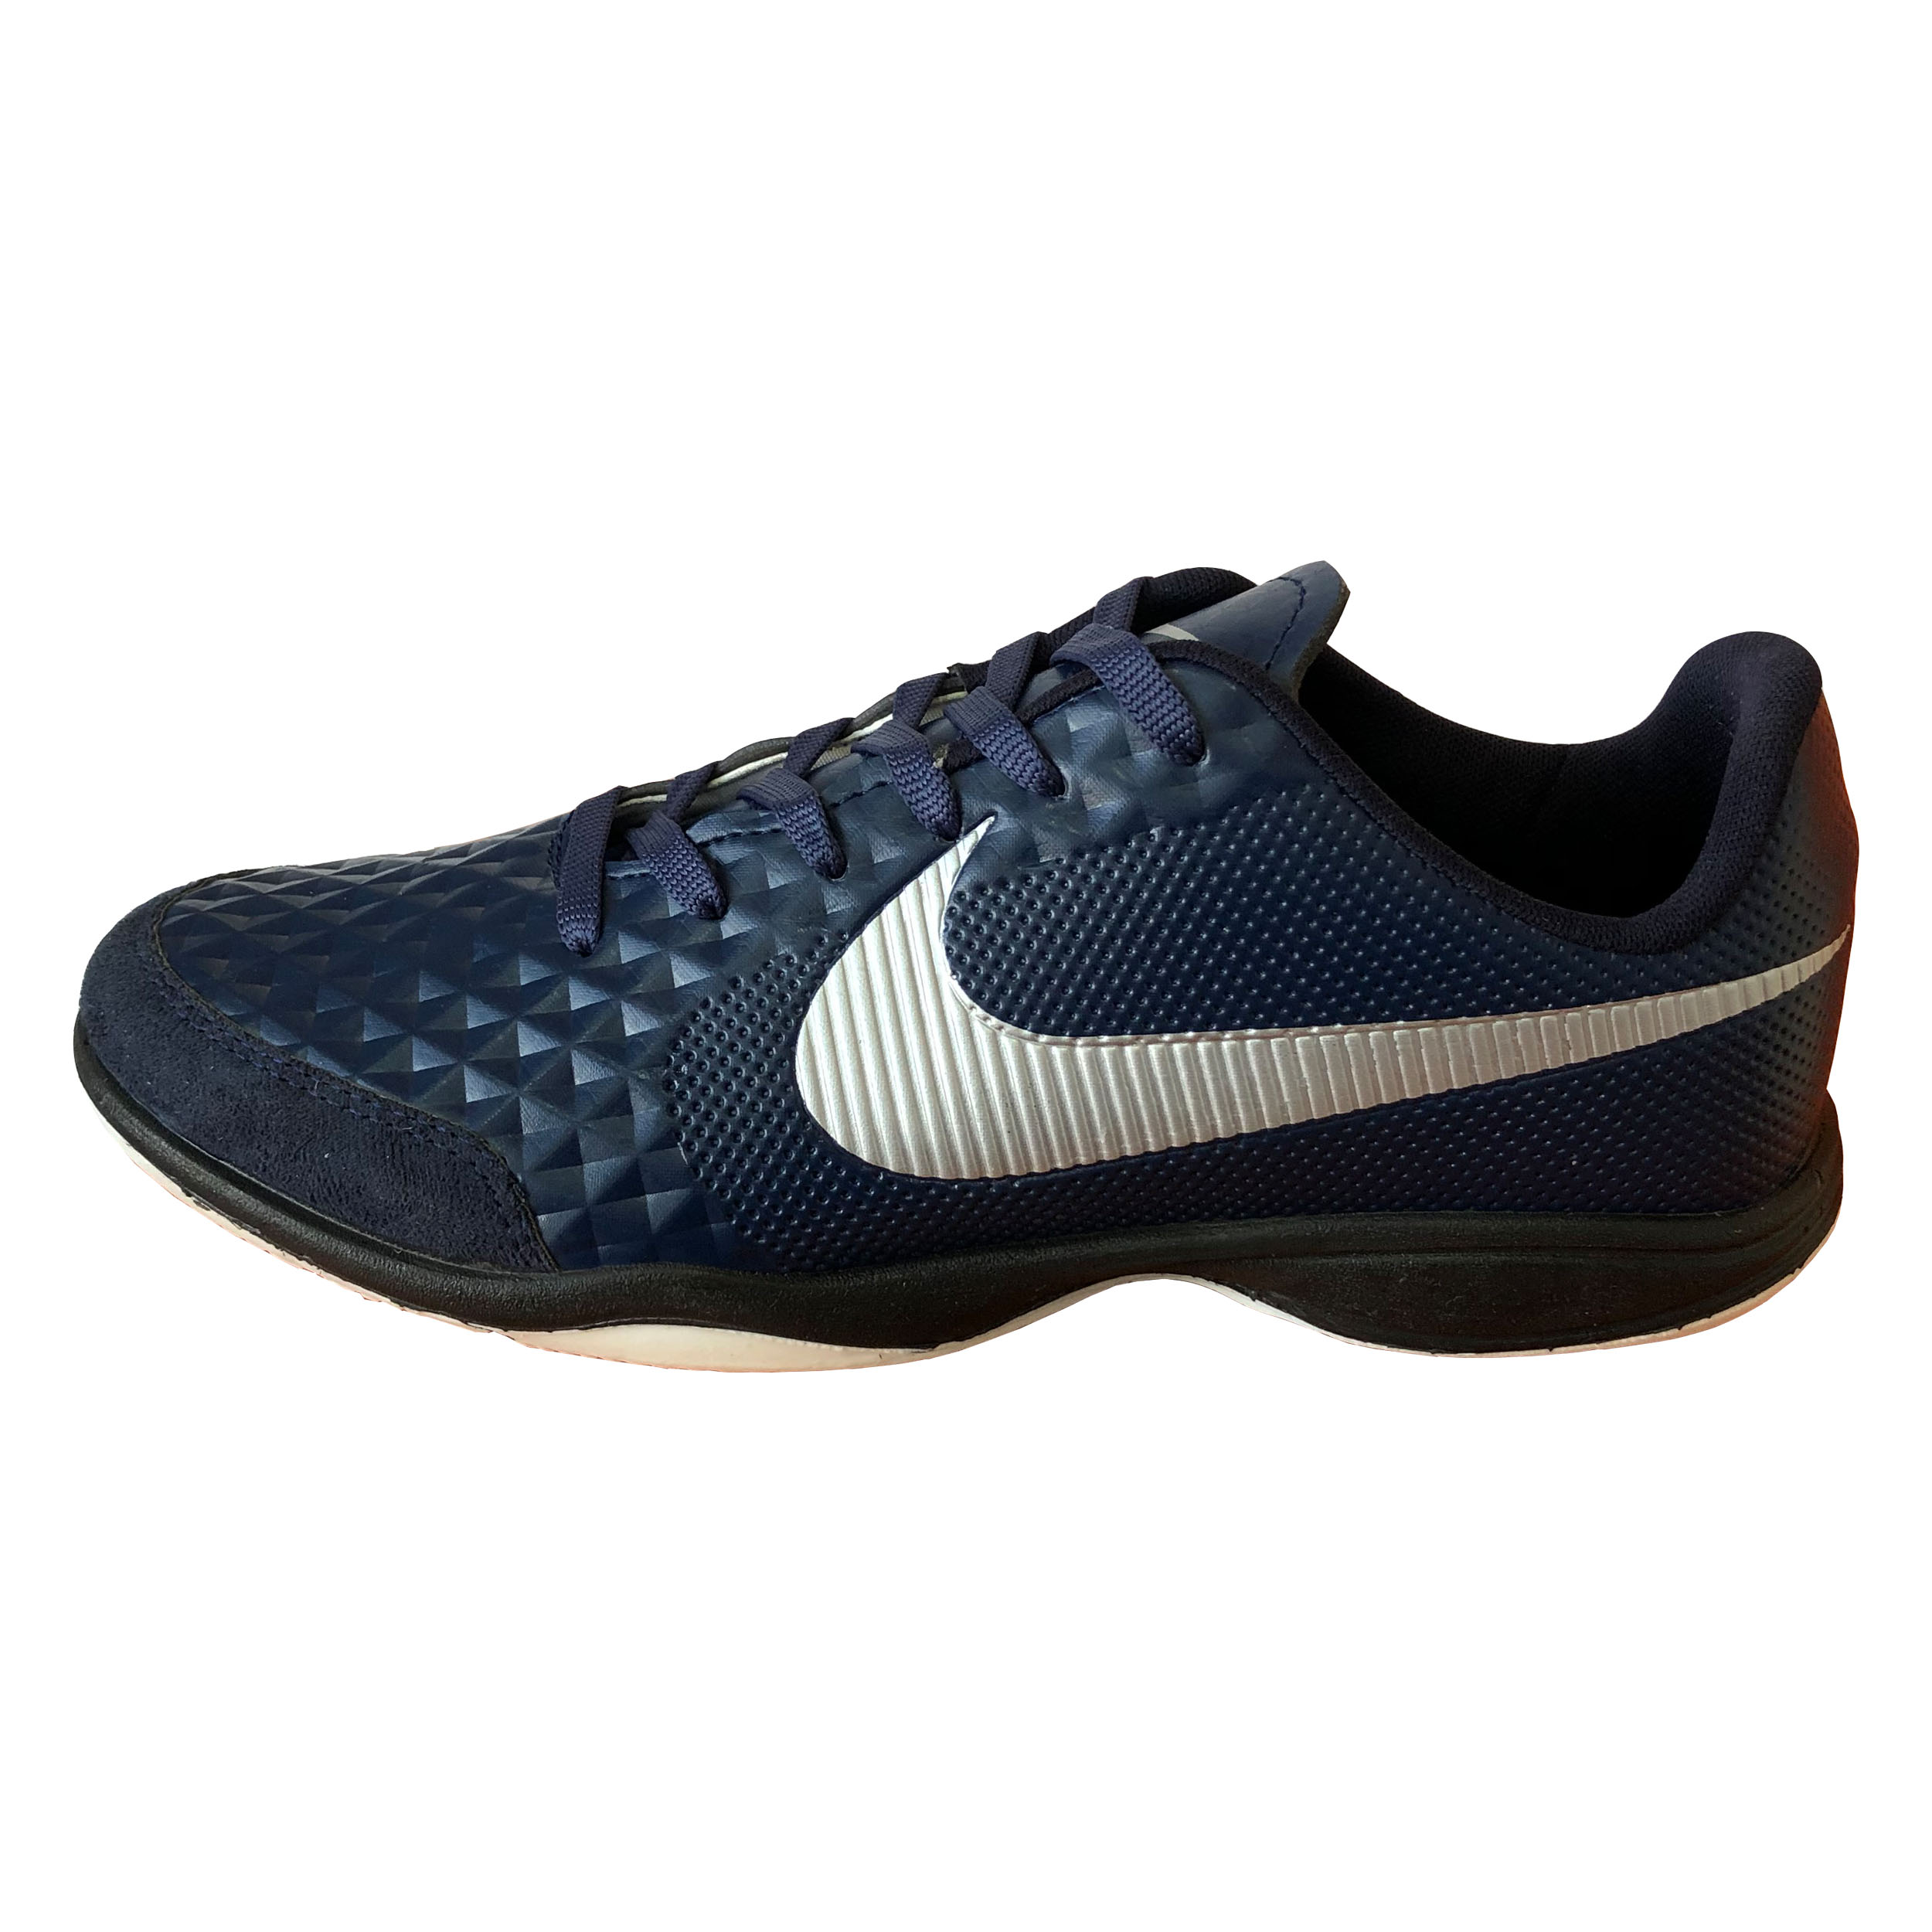 کفش فوتسال مردانه مدل  تمپو ایکس کد T006